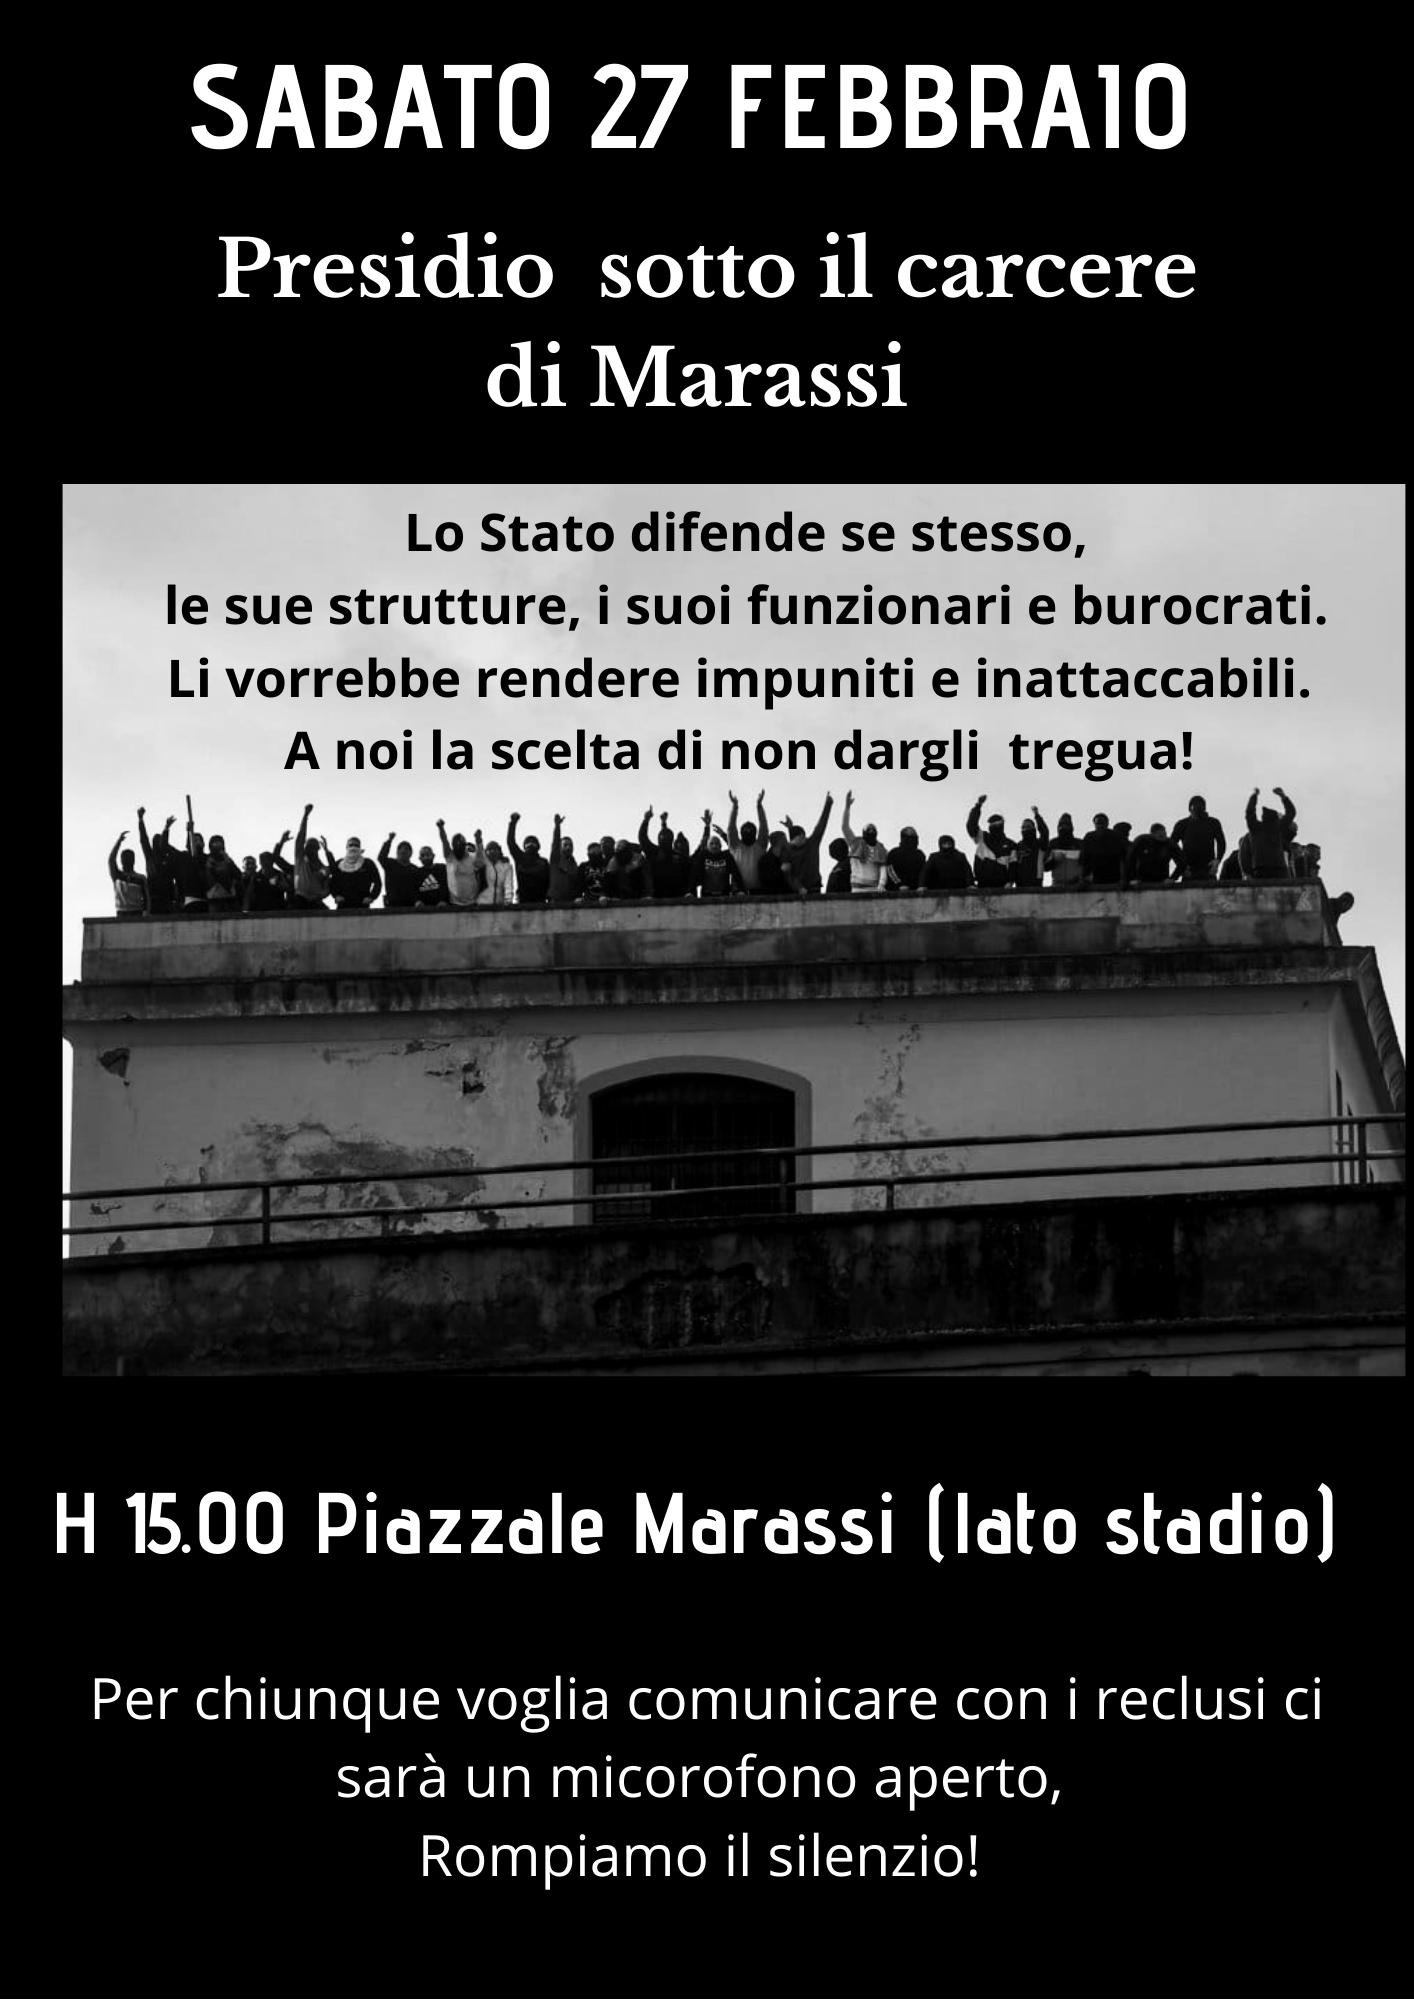 27.02 marassi